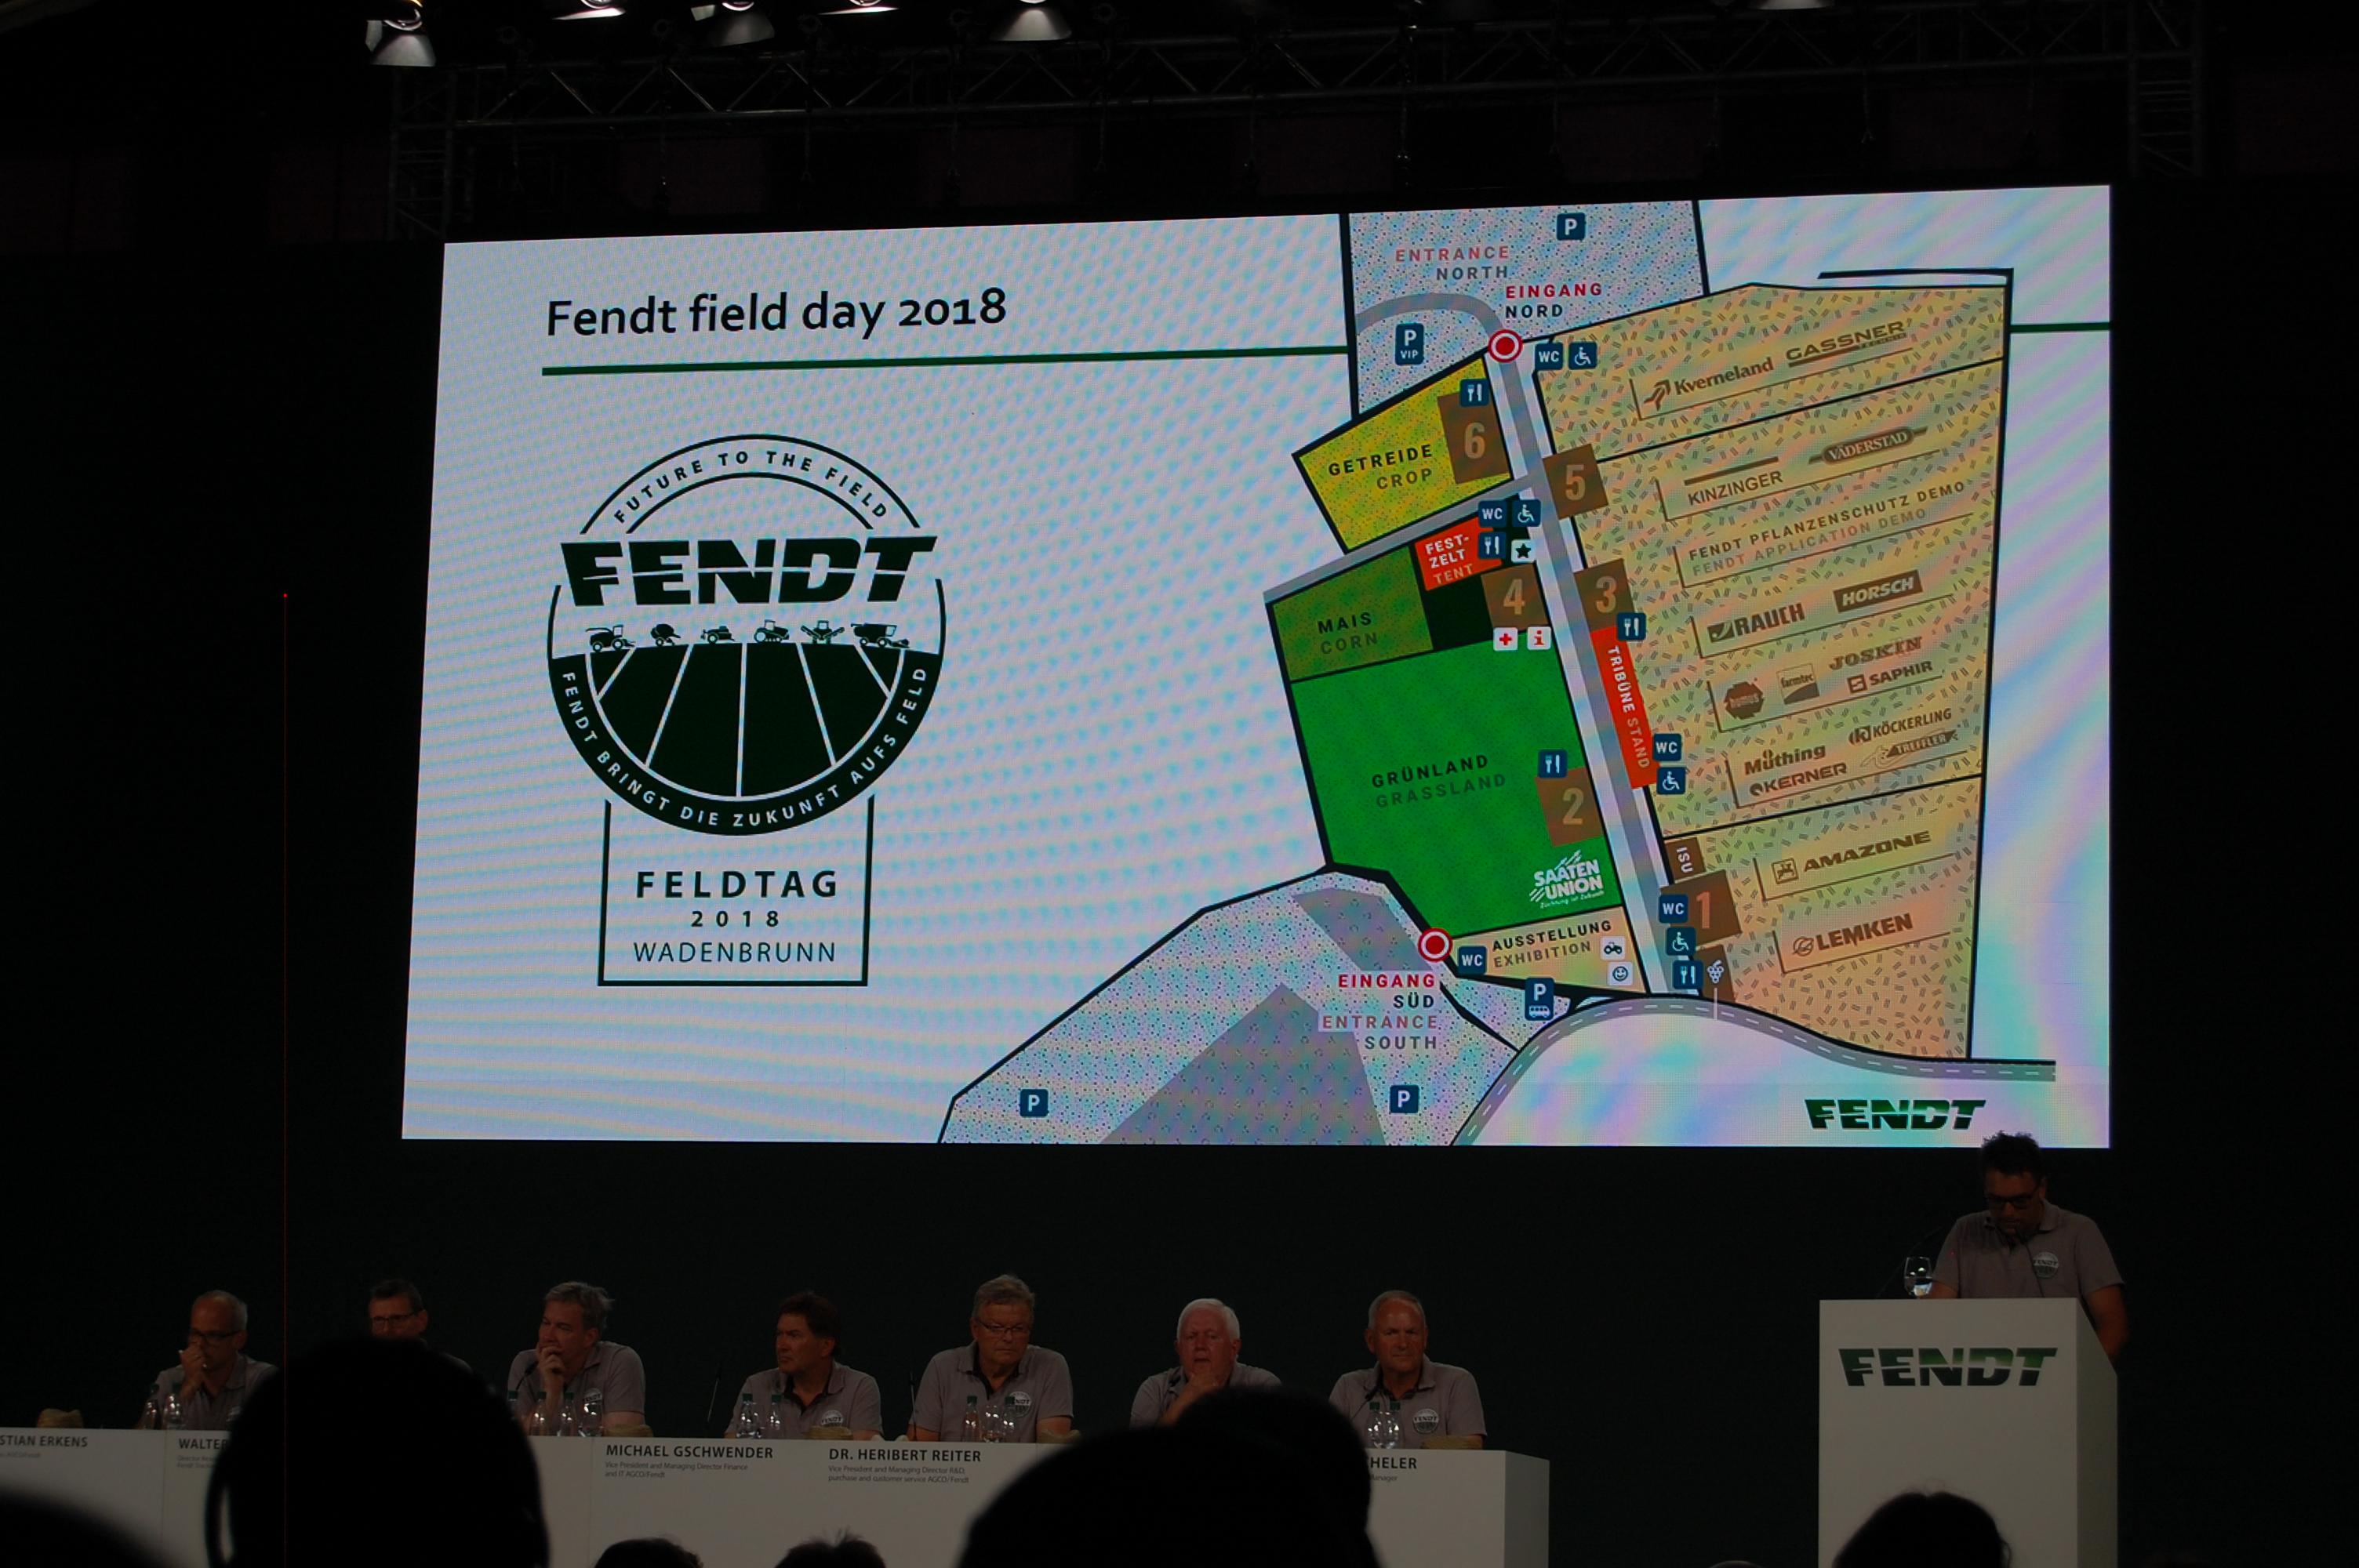 Fendt_Field_Day_Wadenbrunn2018-121